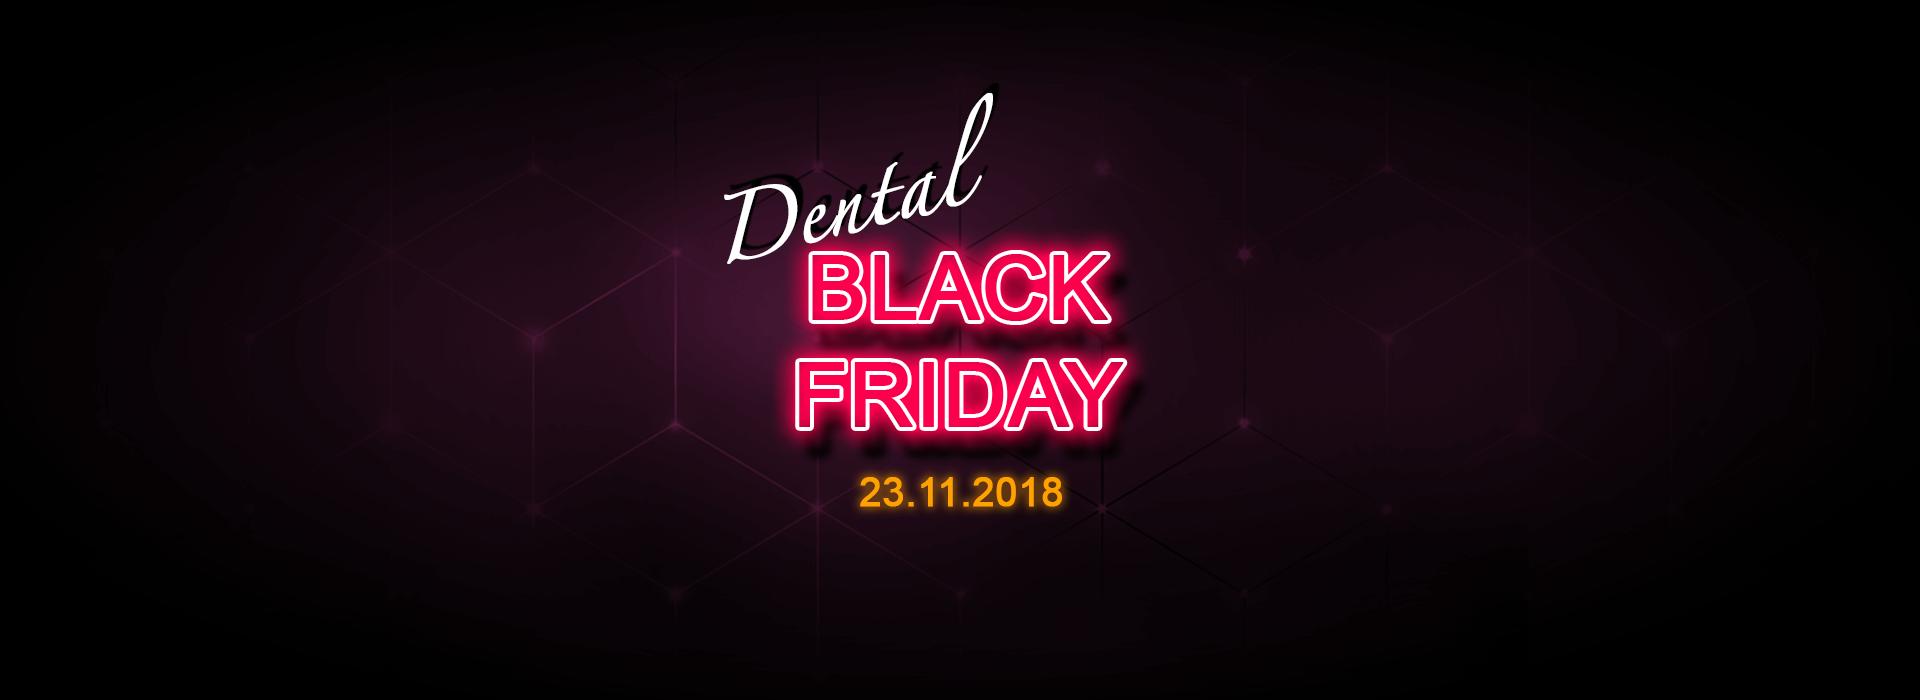 dental black friday